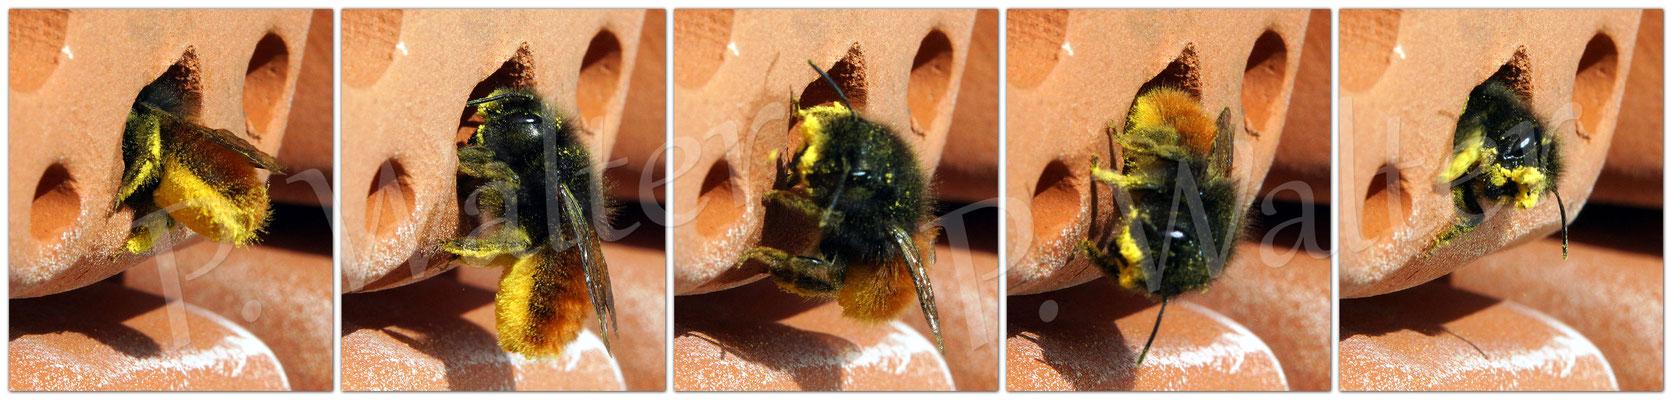 08.04.2018 : Weibchen der Gehörnten Mauerbiene beim Polleneintrag in einen Niststein aus Ton, erst geht´s vorwärts rein, dann nochmal rückwärts (zum Abstreifen des Pollens oder zur Eiablage)